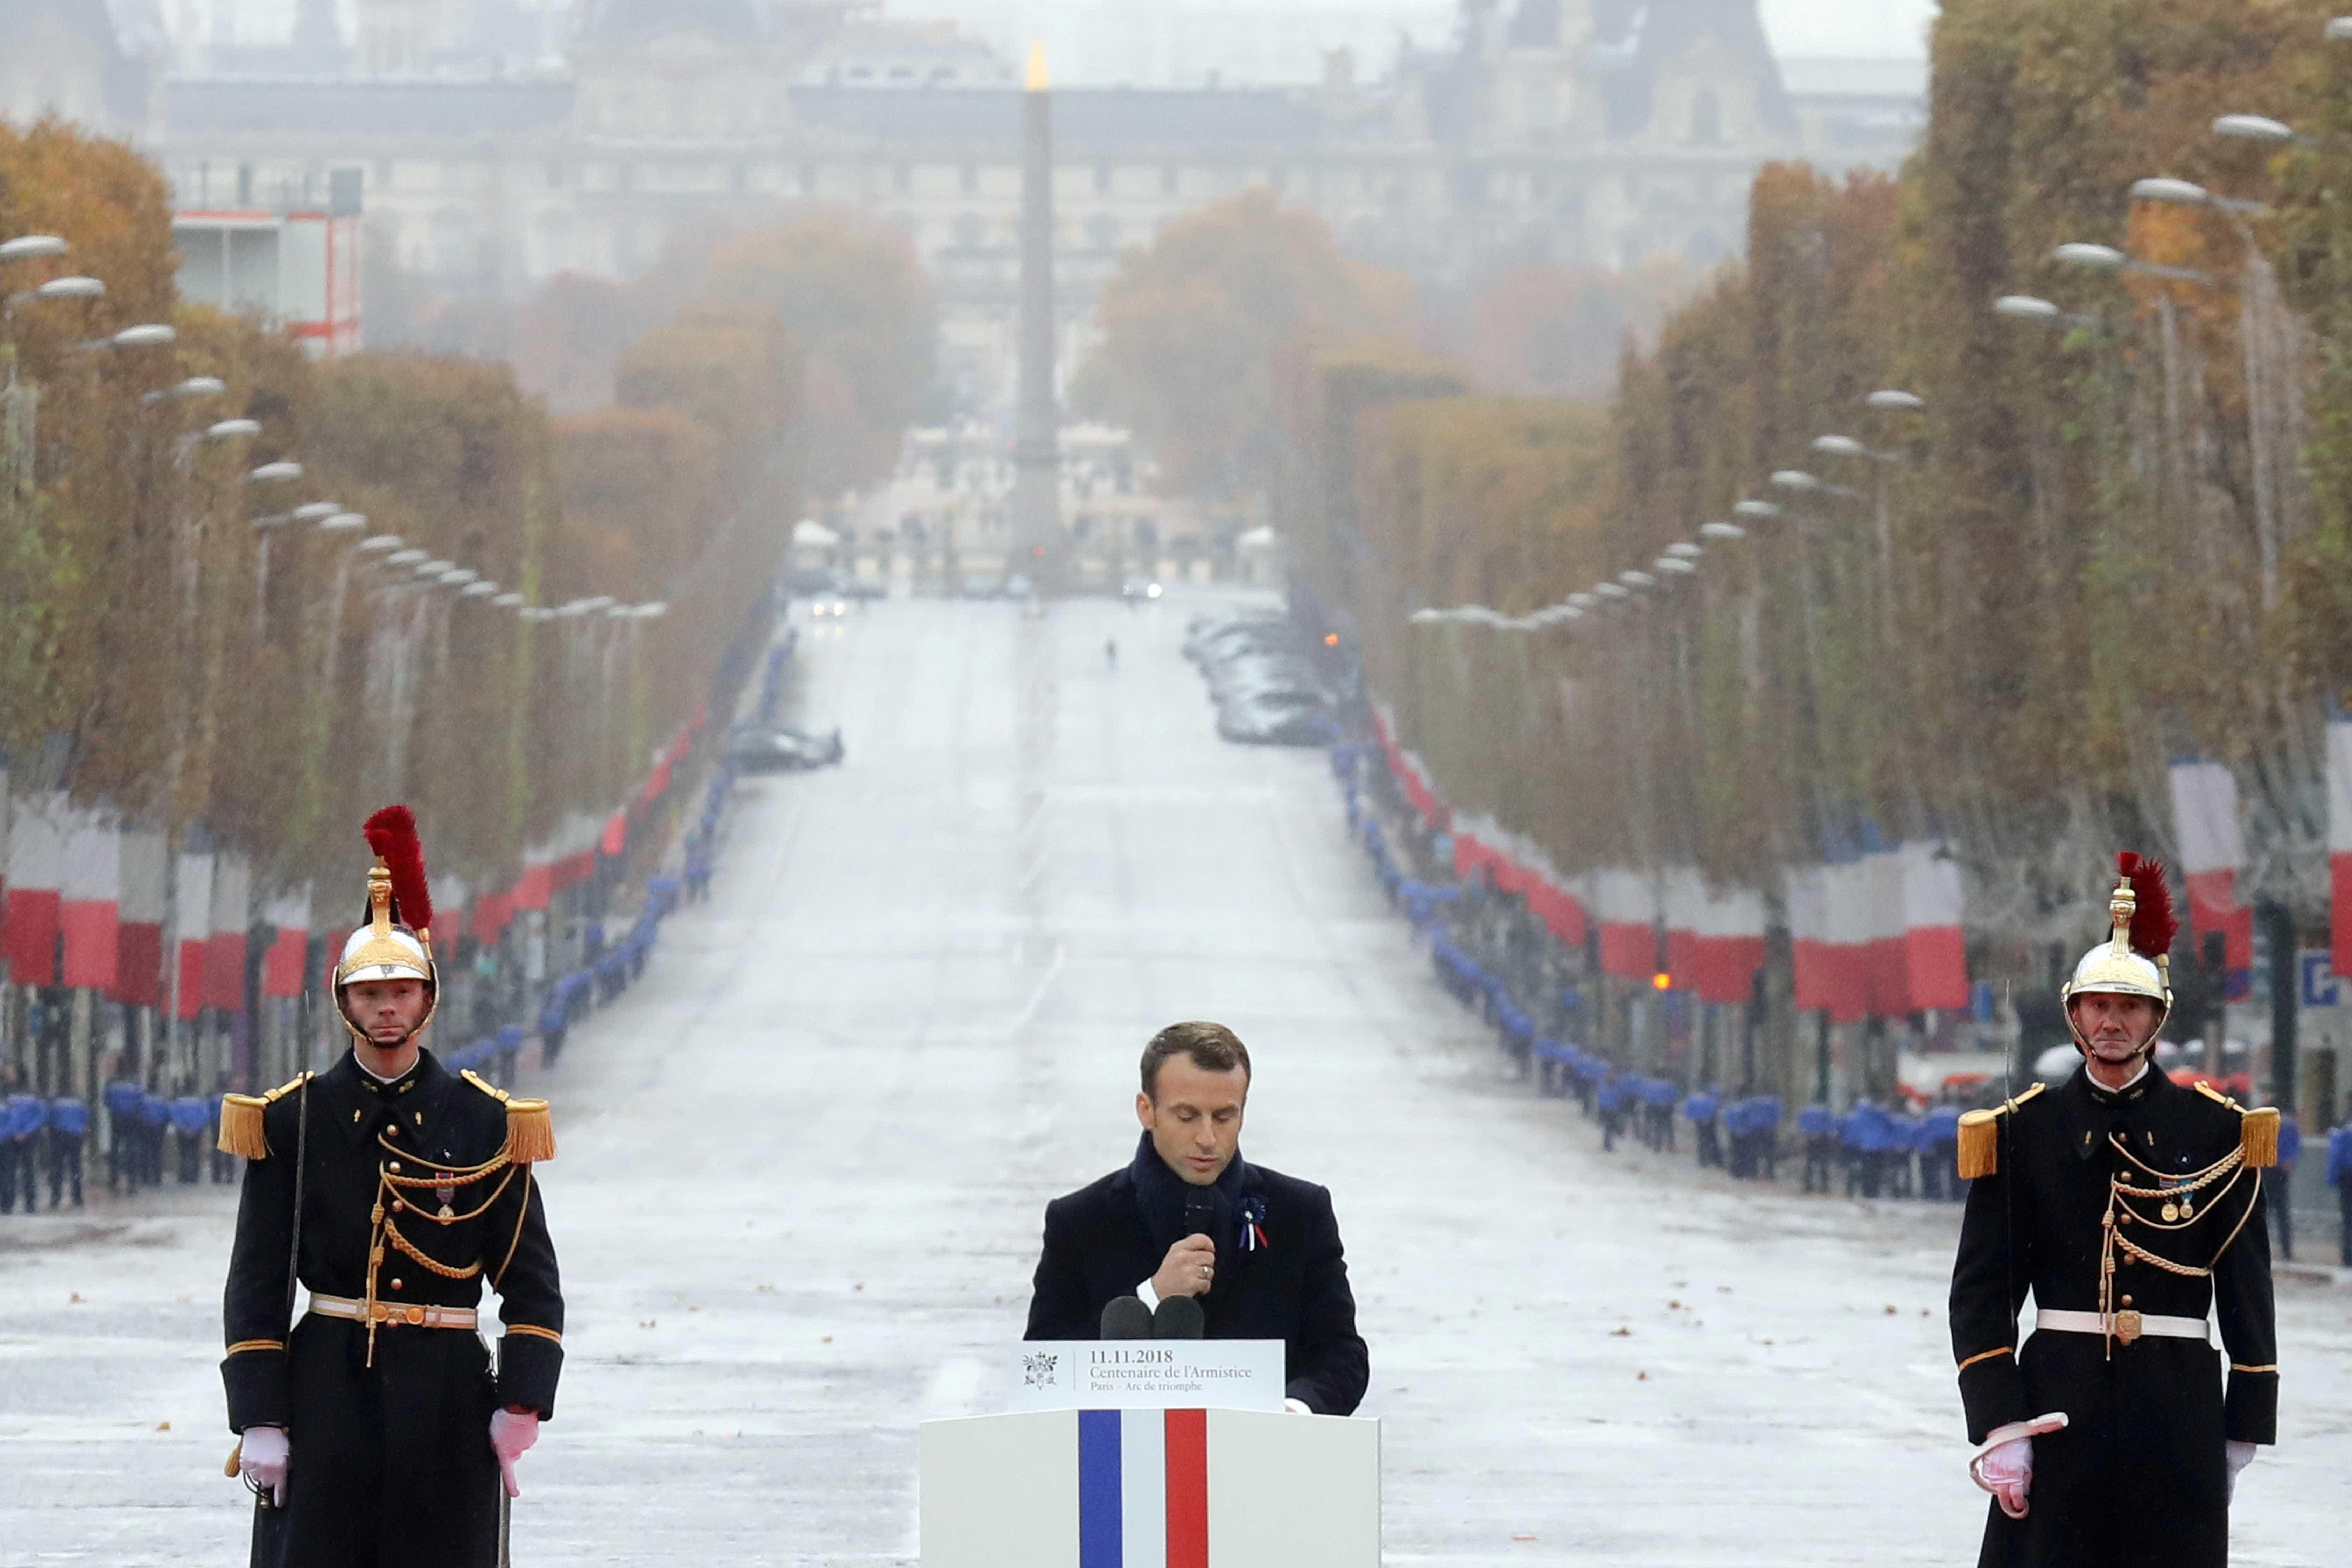 Líderes europeus veem em nacionalismo ameaça à paz